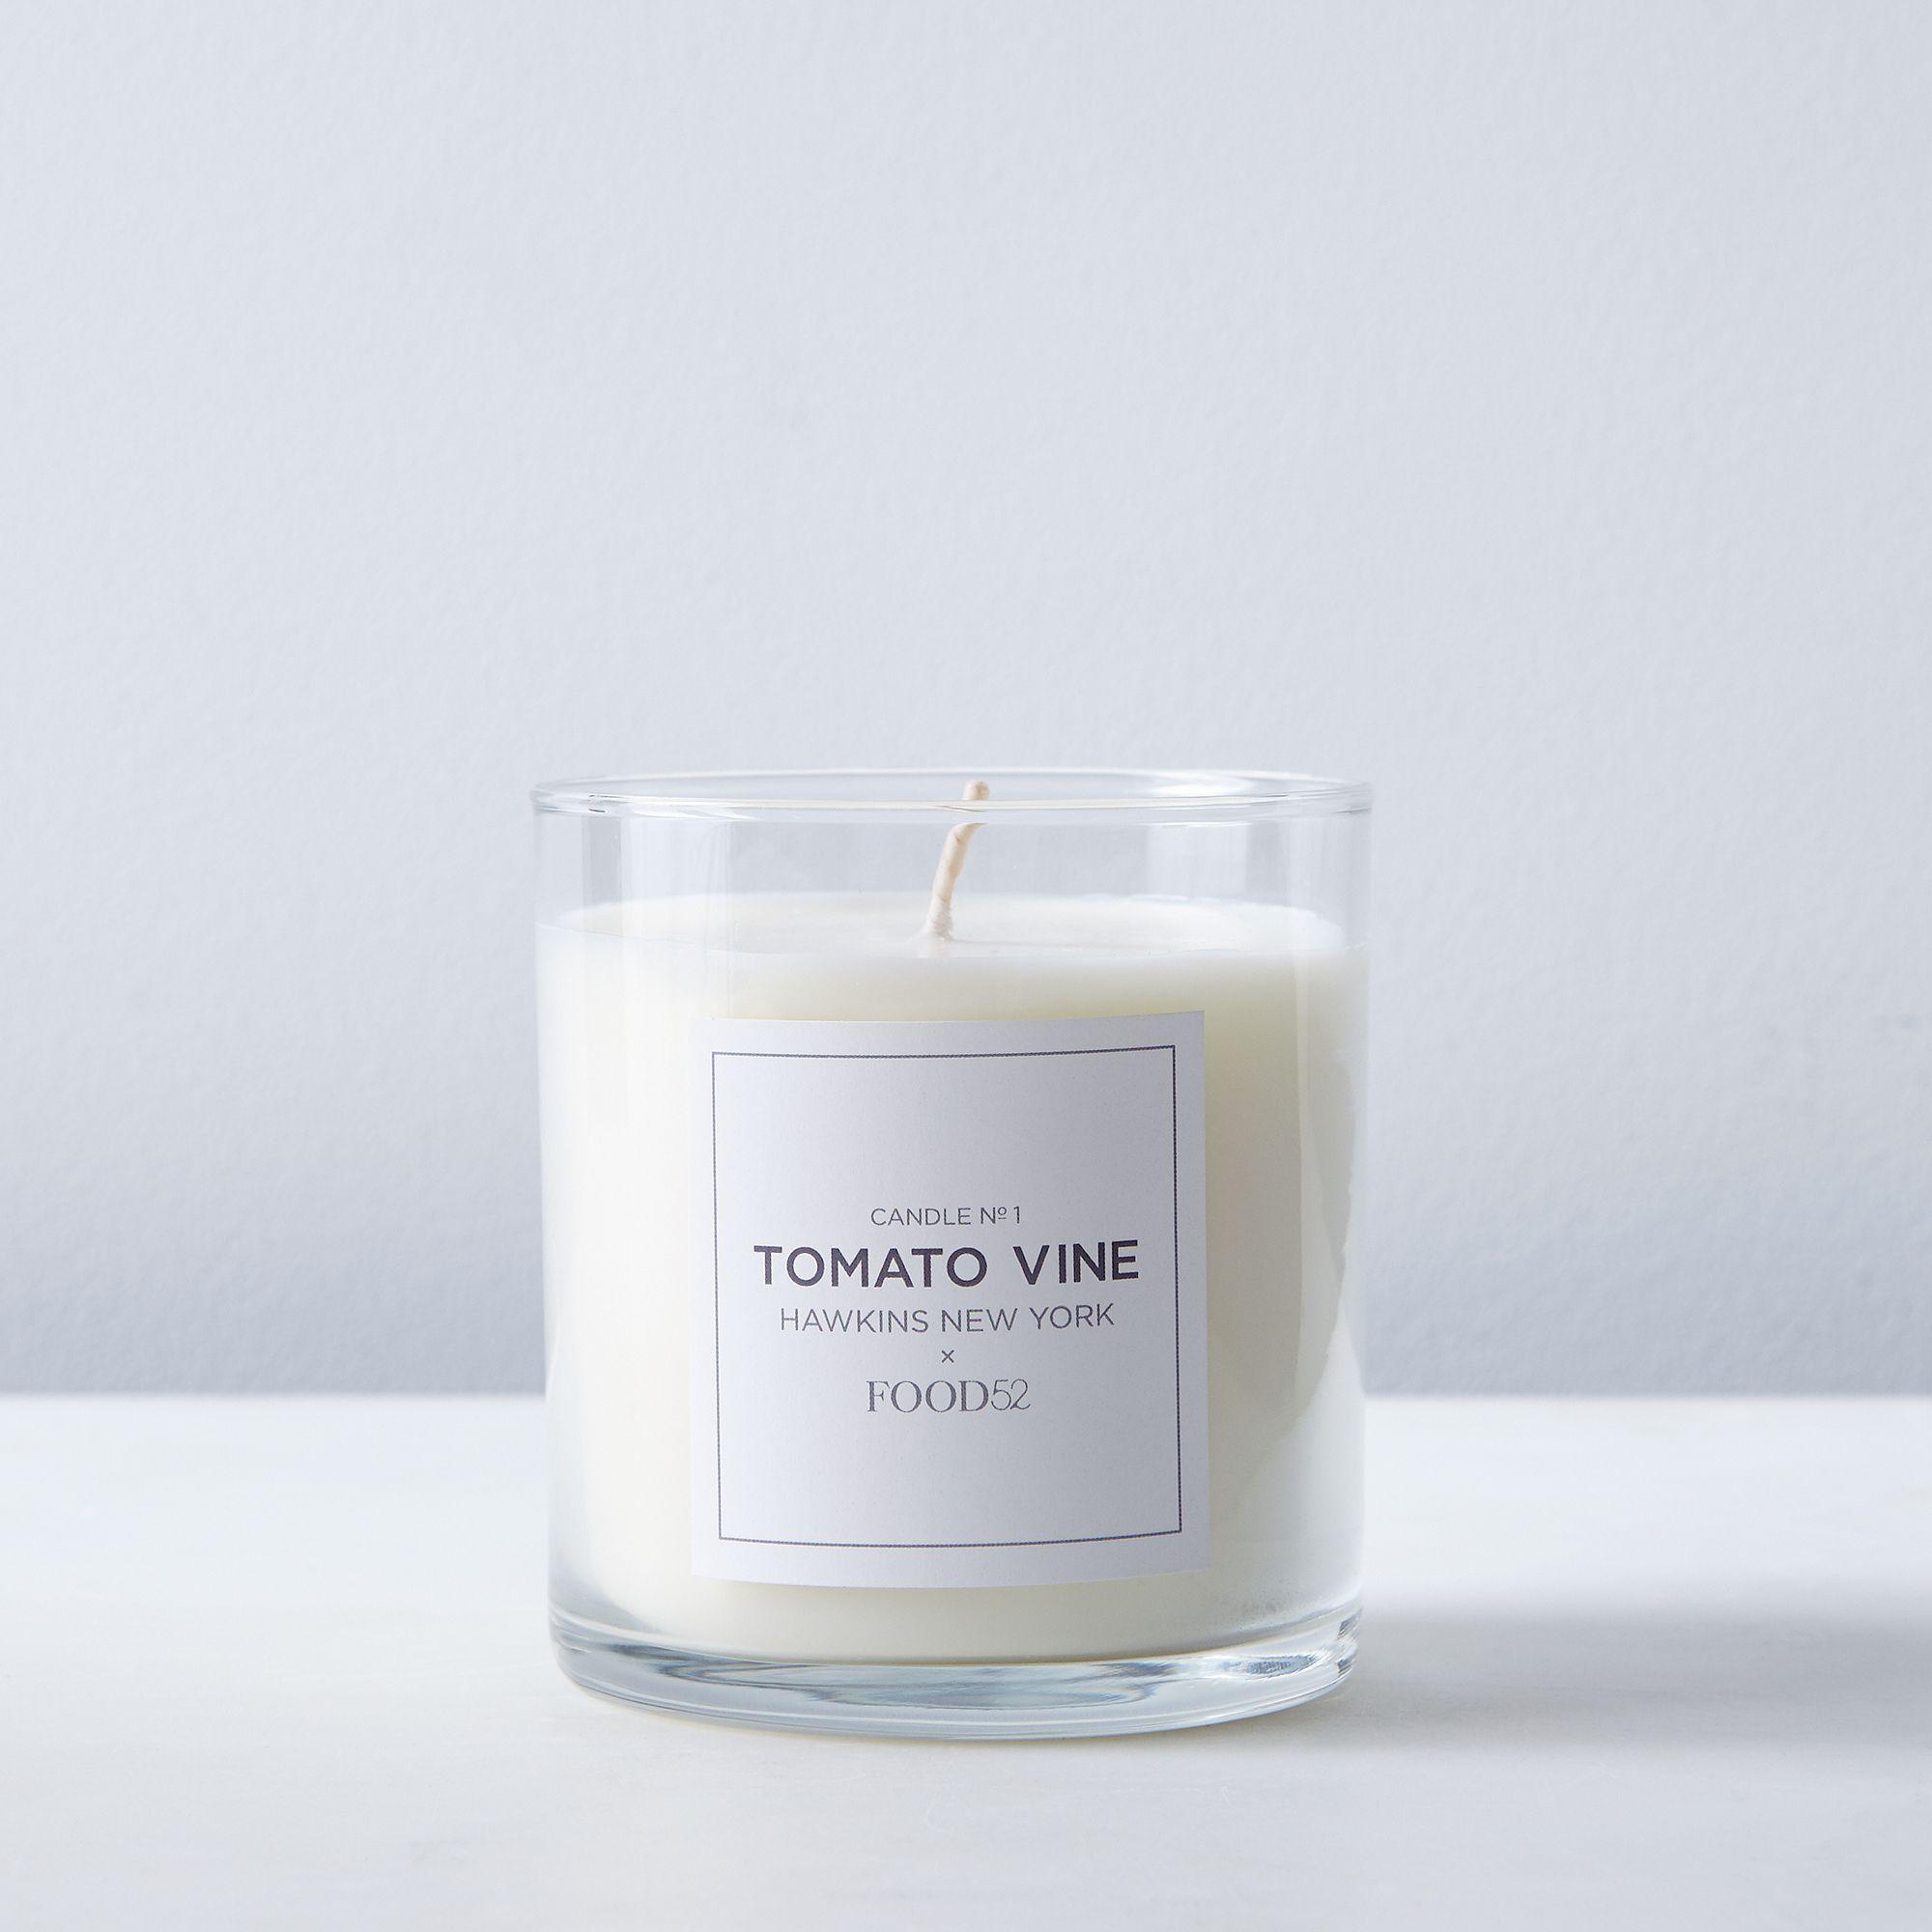 736891f6 5e4e 4574 ab99 75e4658b46fc  2016 0610 hawkins new york seasonal candle tomato vine silo rocky luten 016